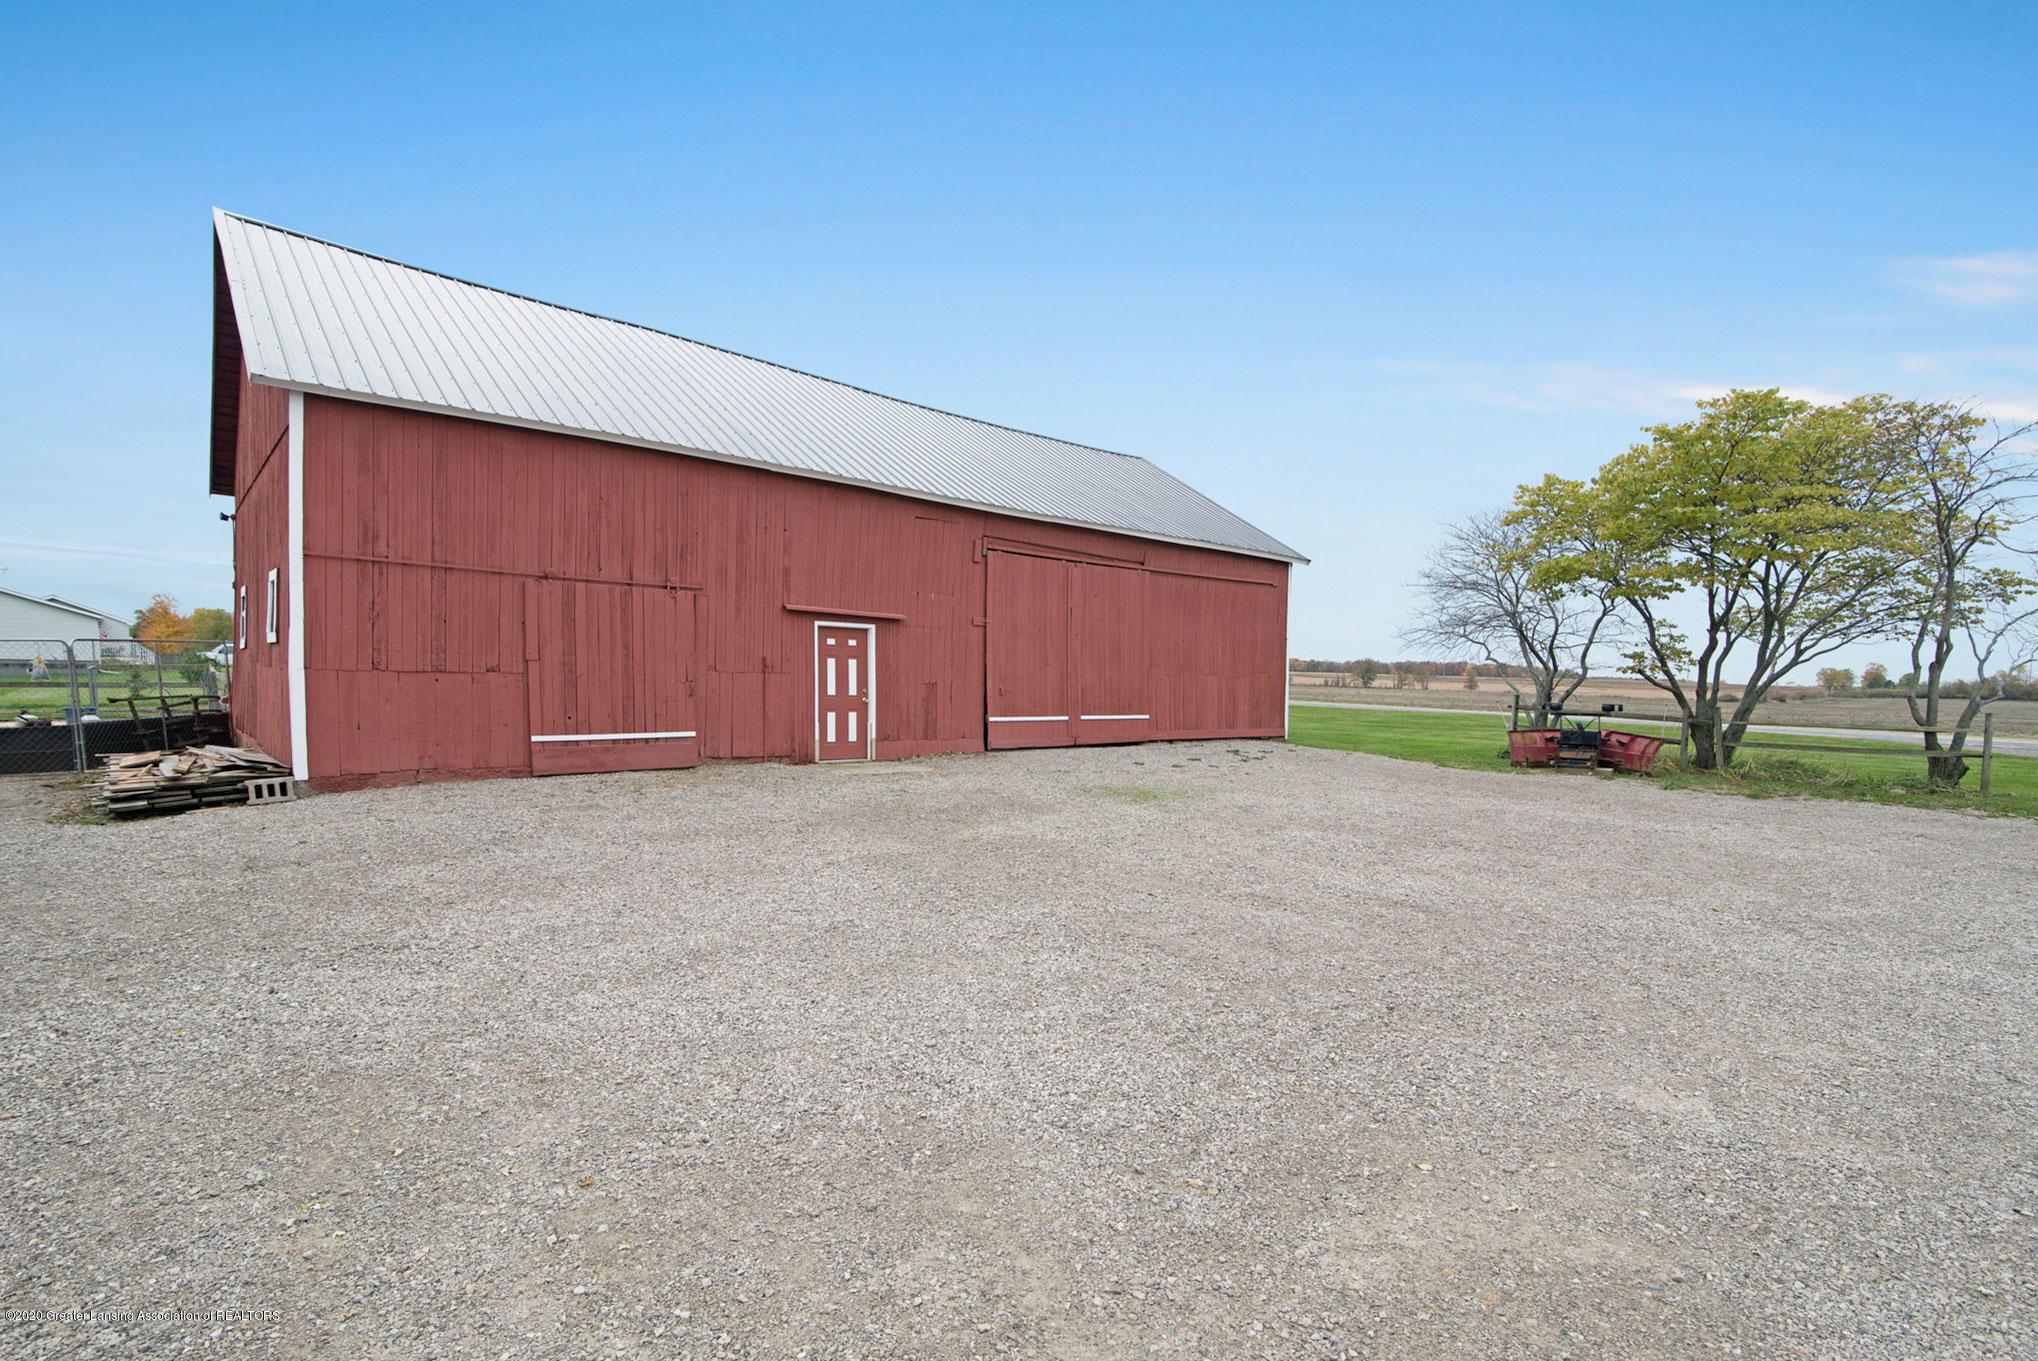 2055 Tuttle Rd - Exterior Barn - 25